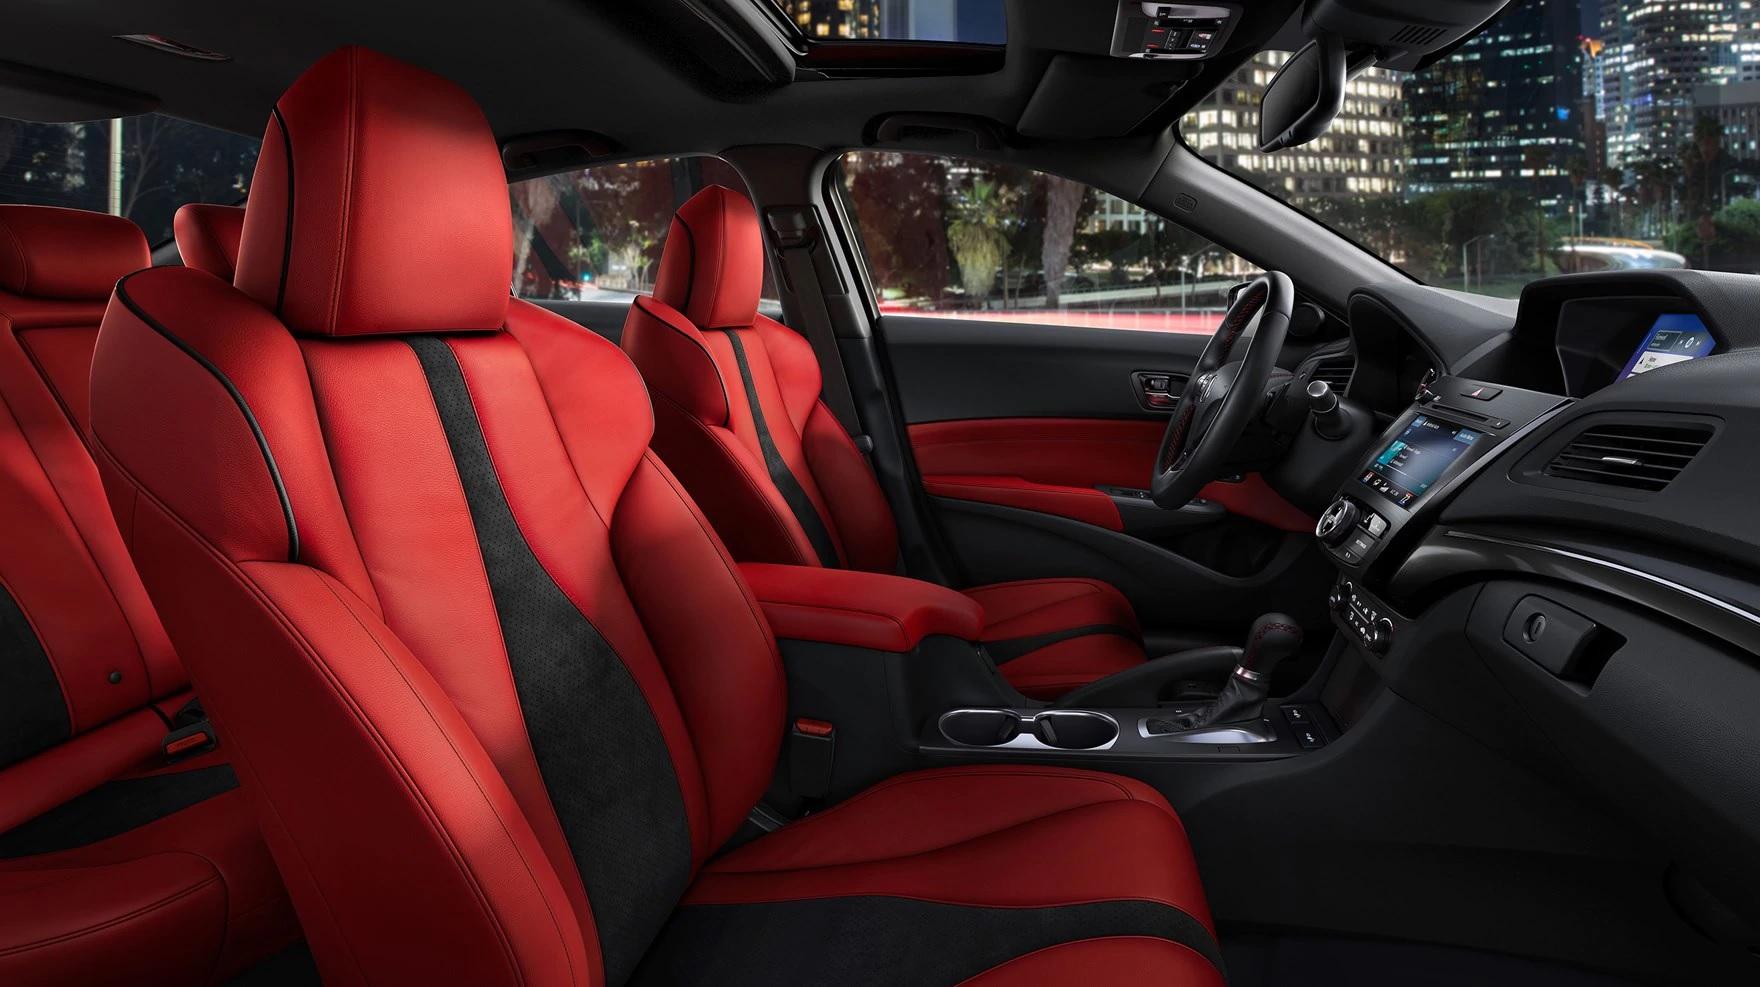 Interior color rojo del Acura ILX 2019 con paquete A-Spec® y tecnológico